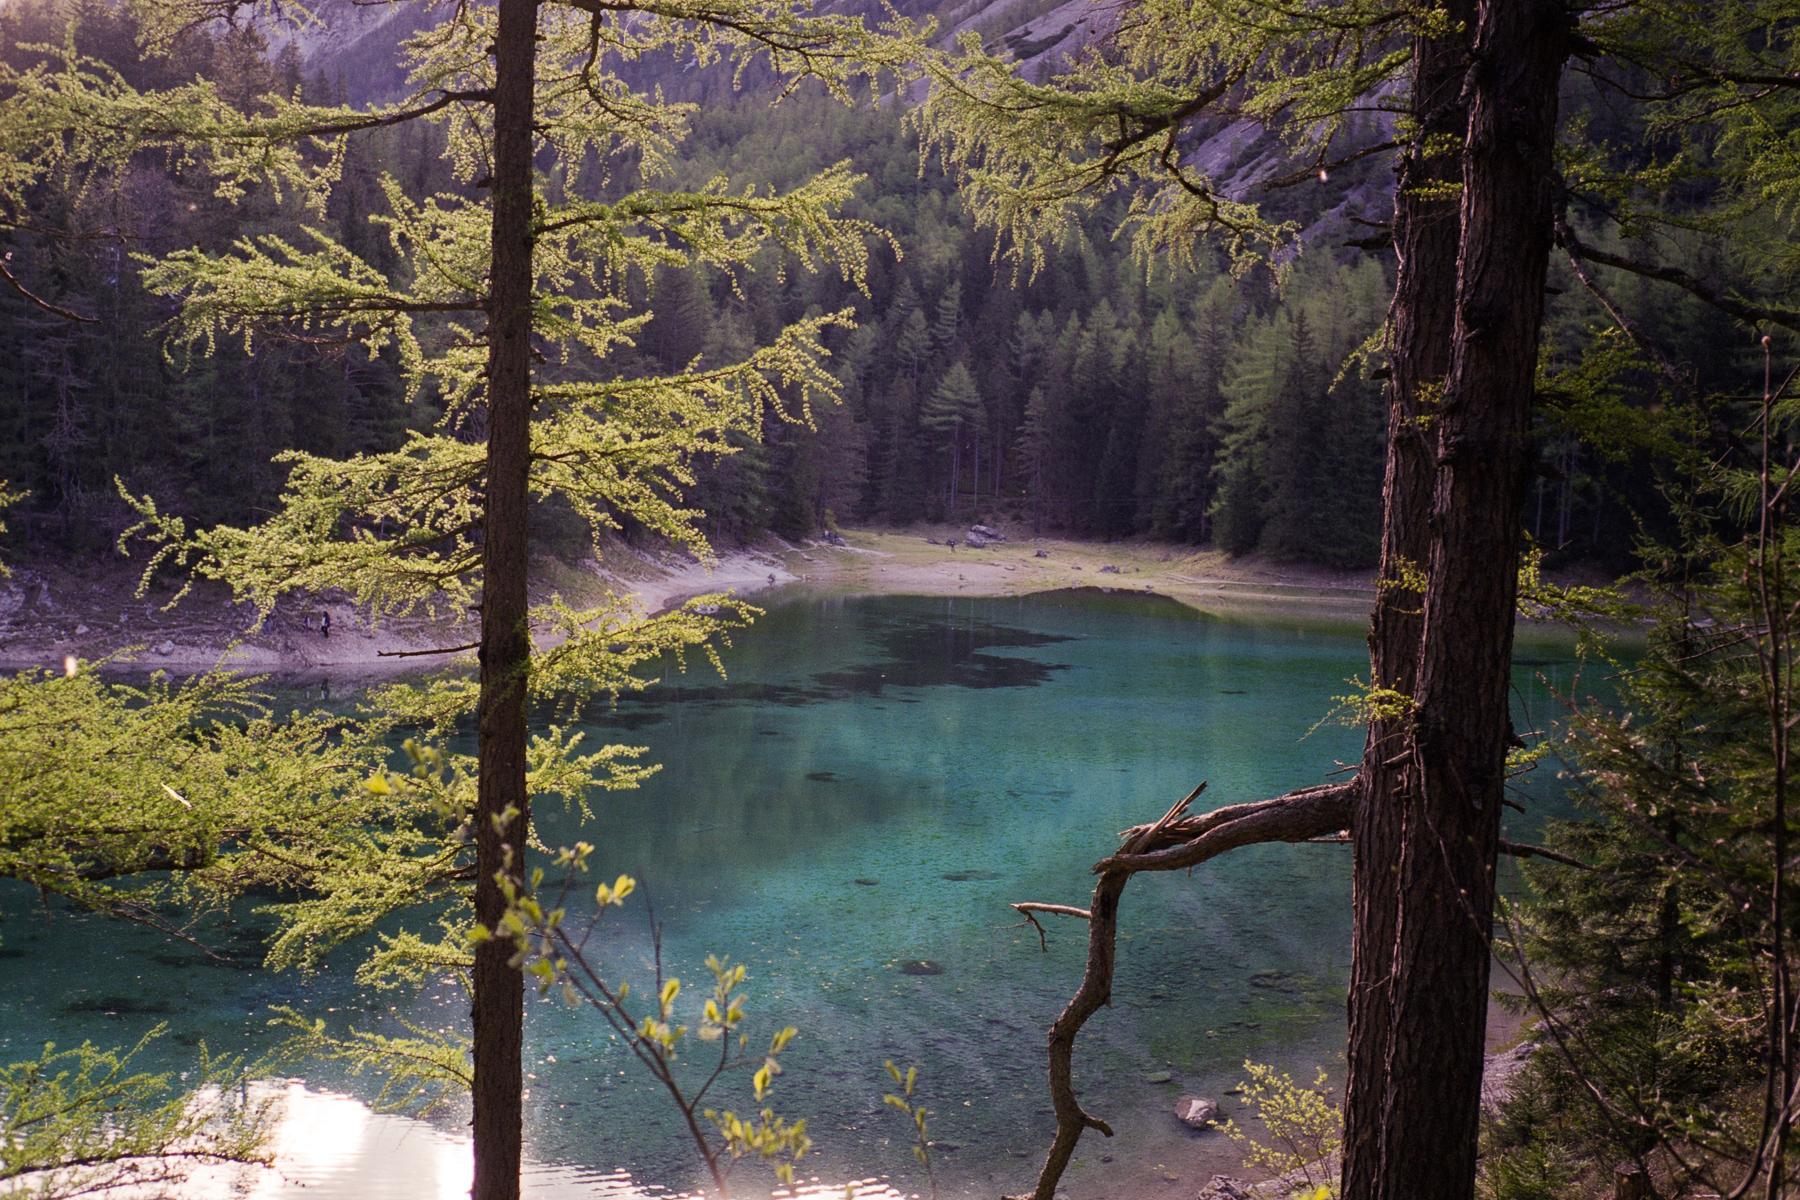 Grüner See, Leica M2, Voigtlander Color-Skopar 35mm f/2.5, Fujicolor Pro 160NS, Epson Perfection V700